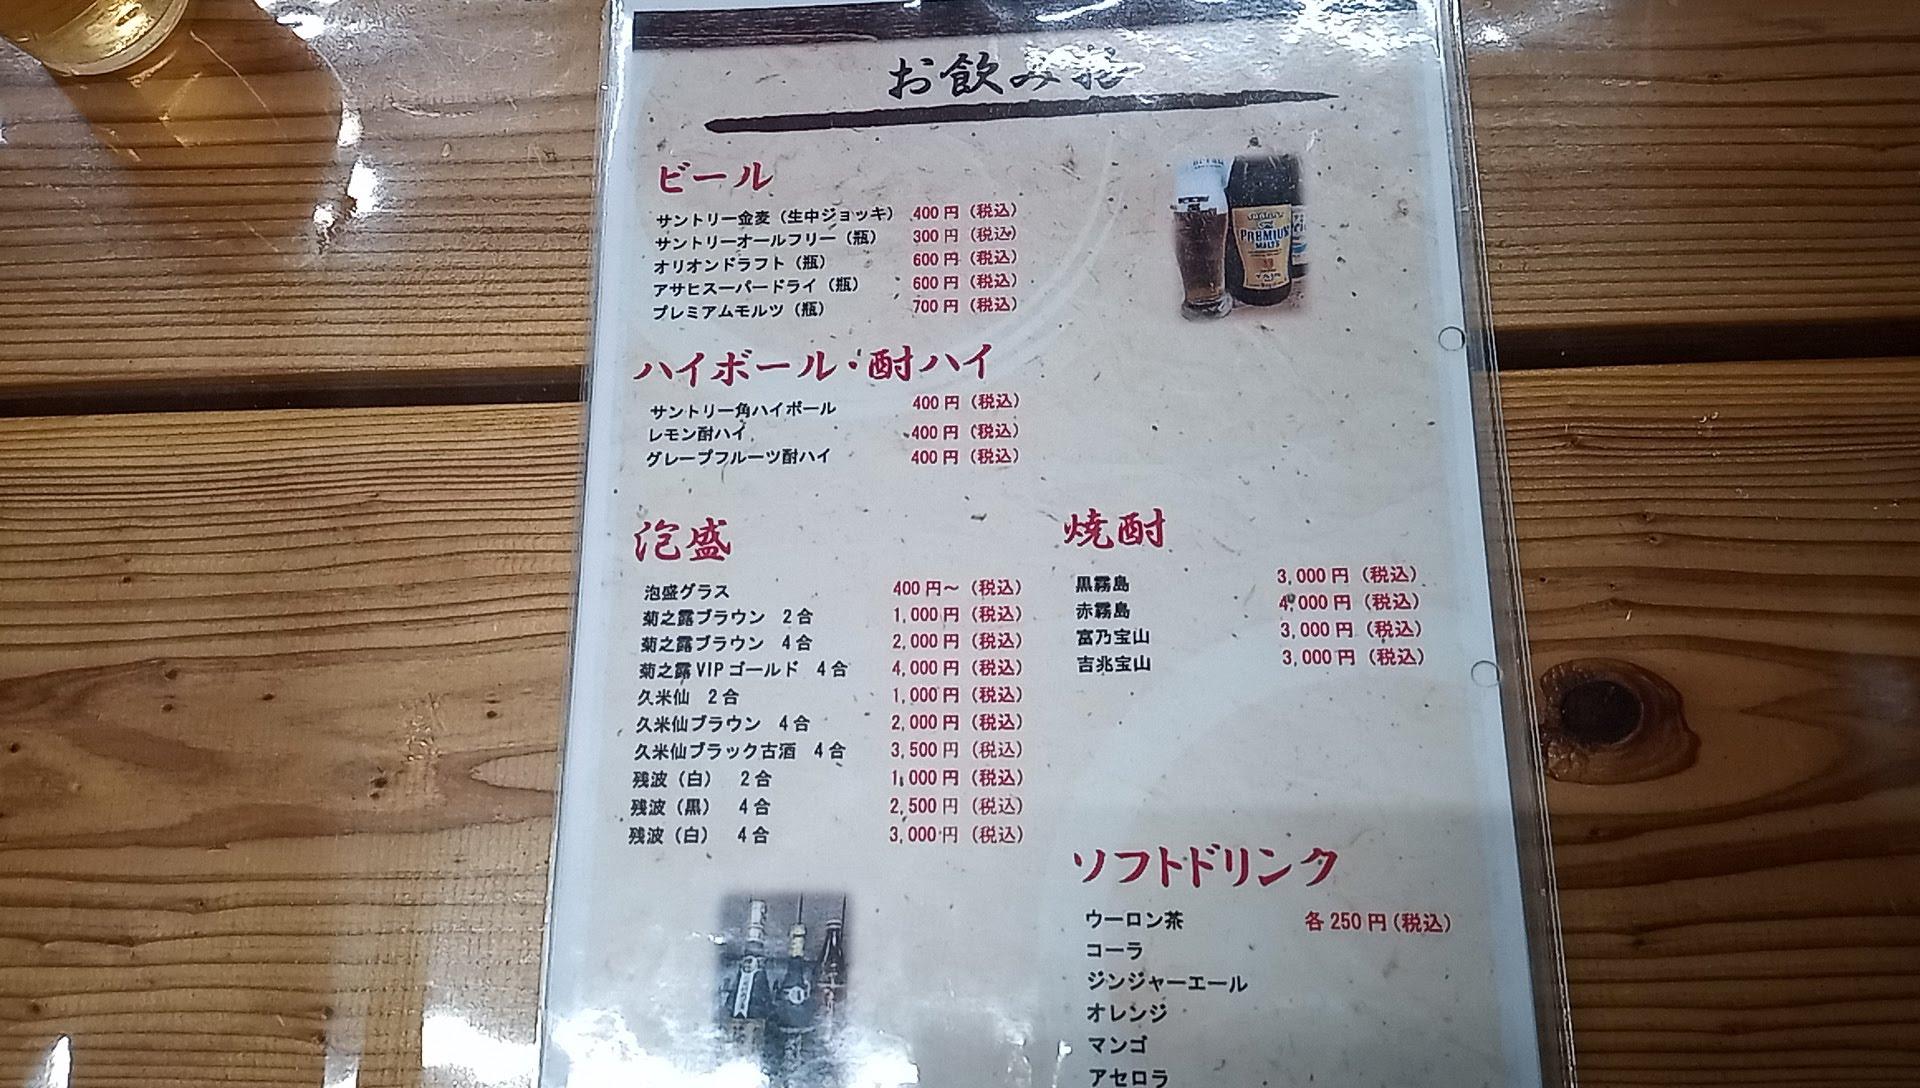 the drink menu of Umi no Megumi